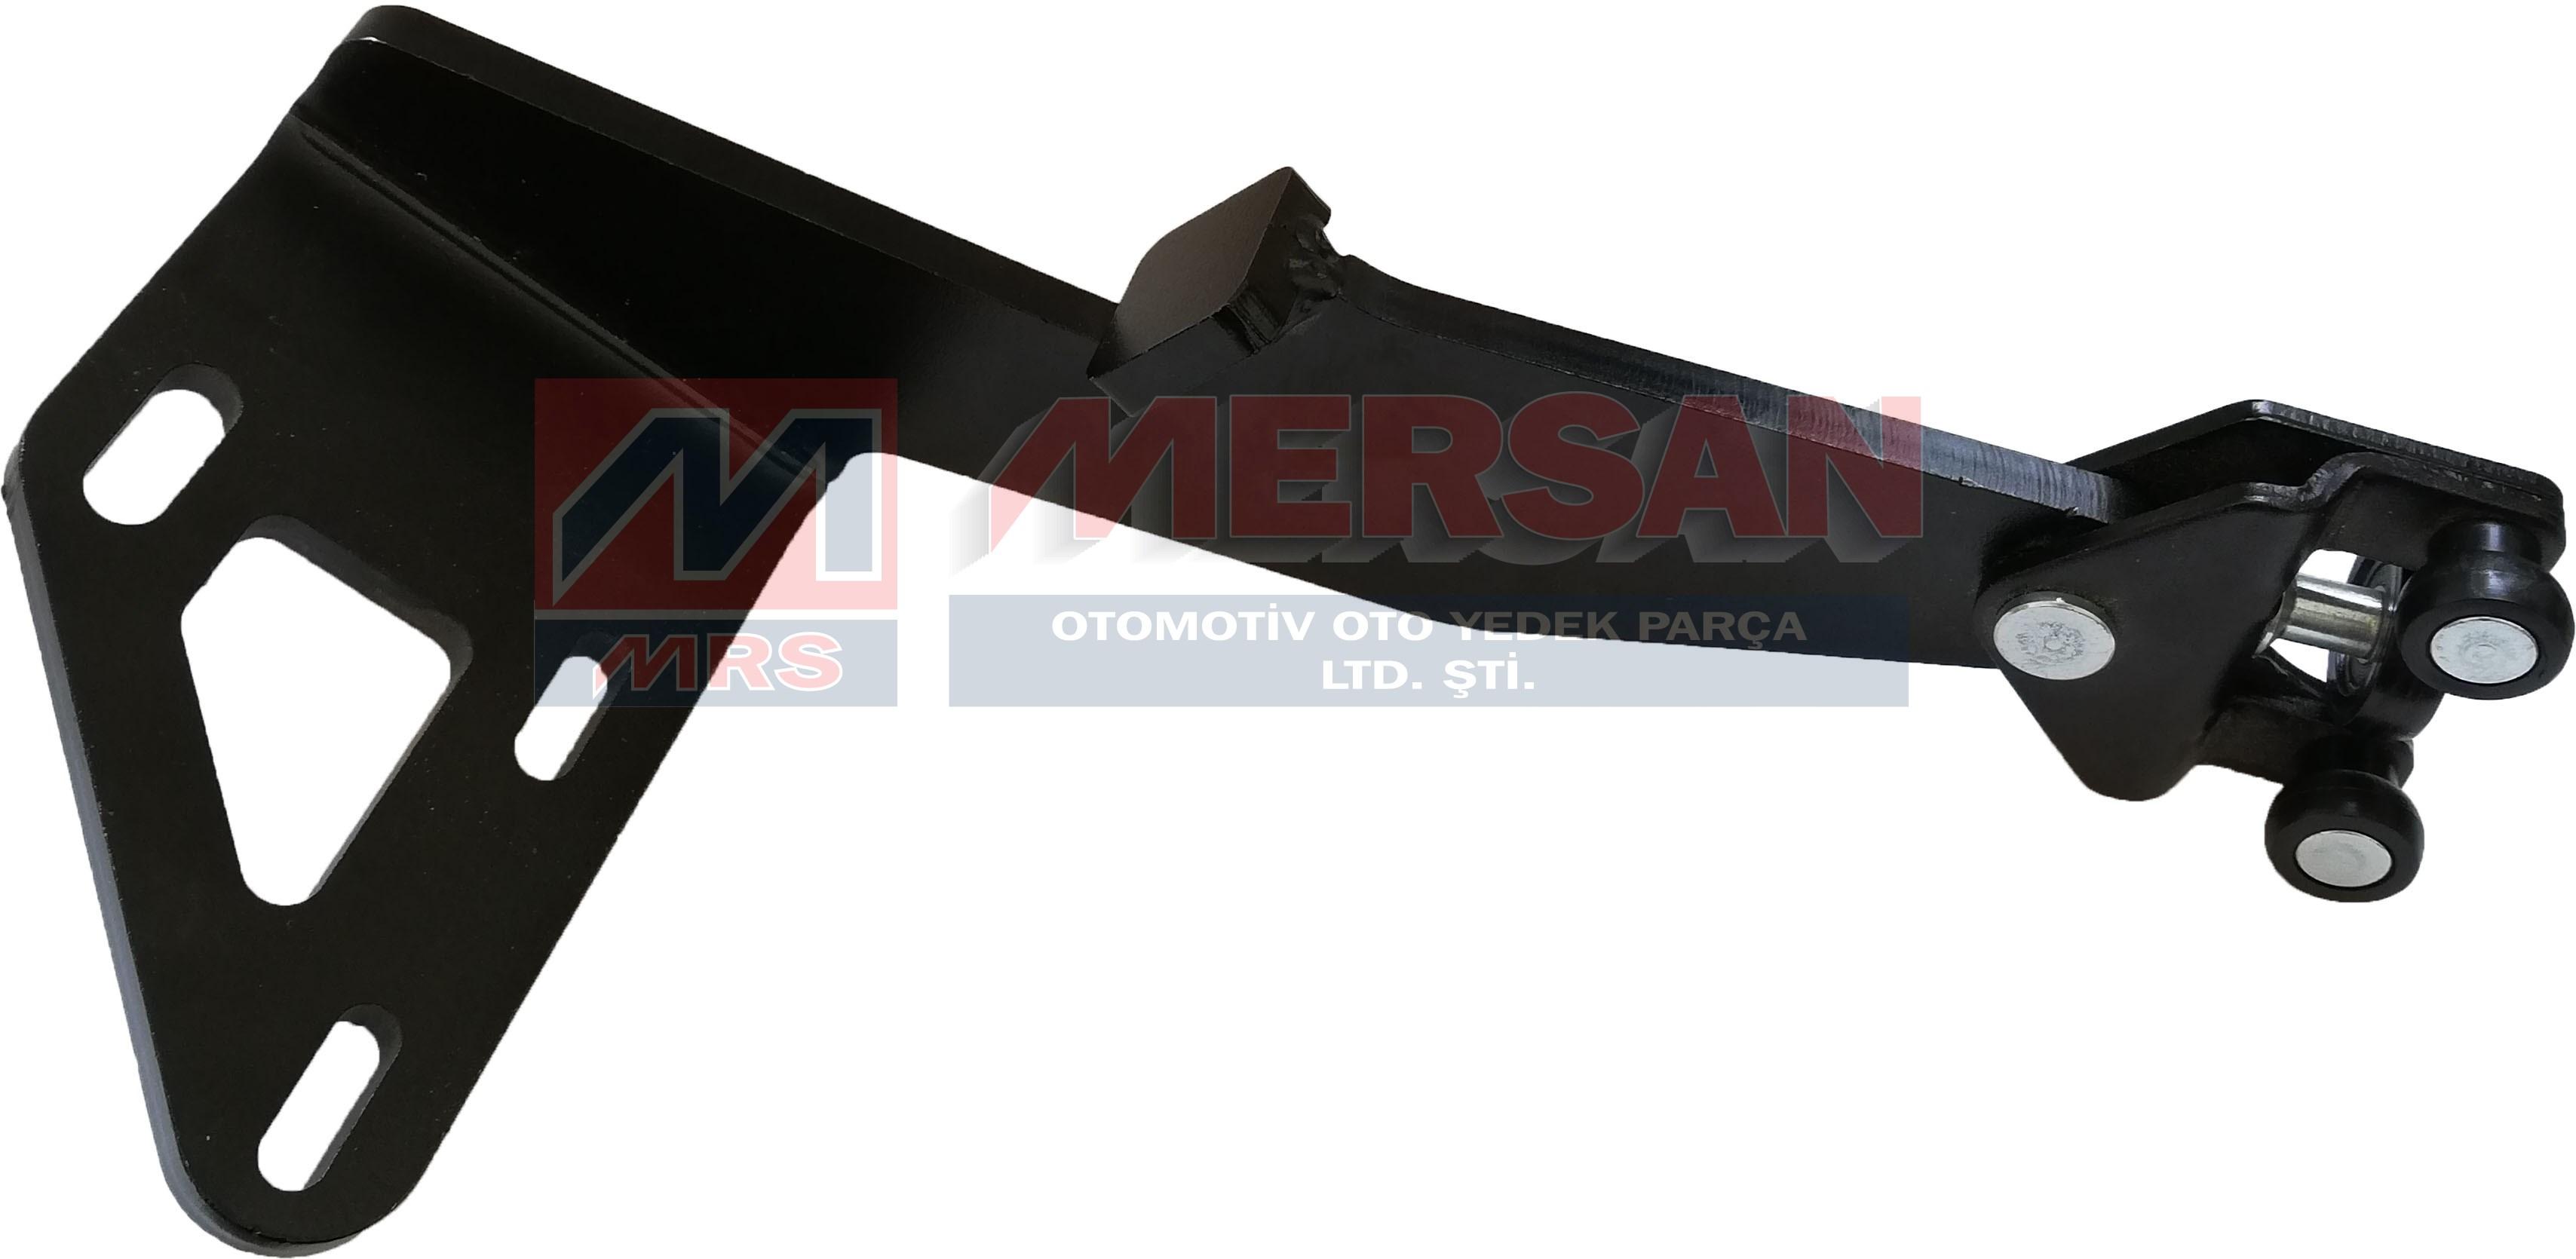 RENAULT MASTER VAUXHALL MOVANO RIGHT SLIDING DOOR ROLLER BOTTOM 8200080754 NEW